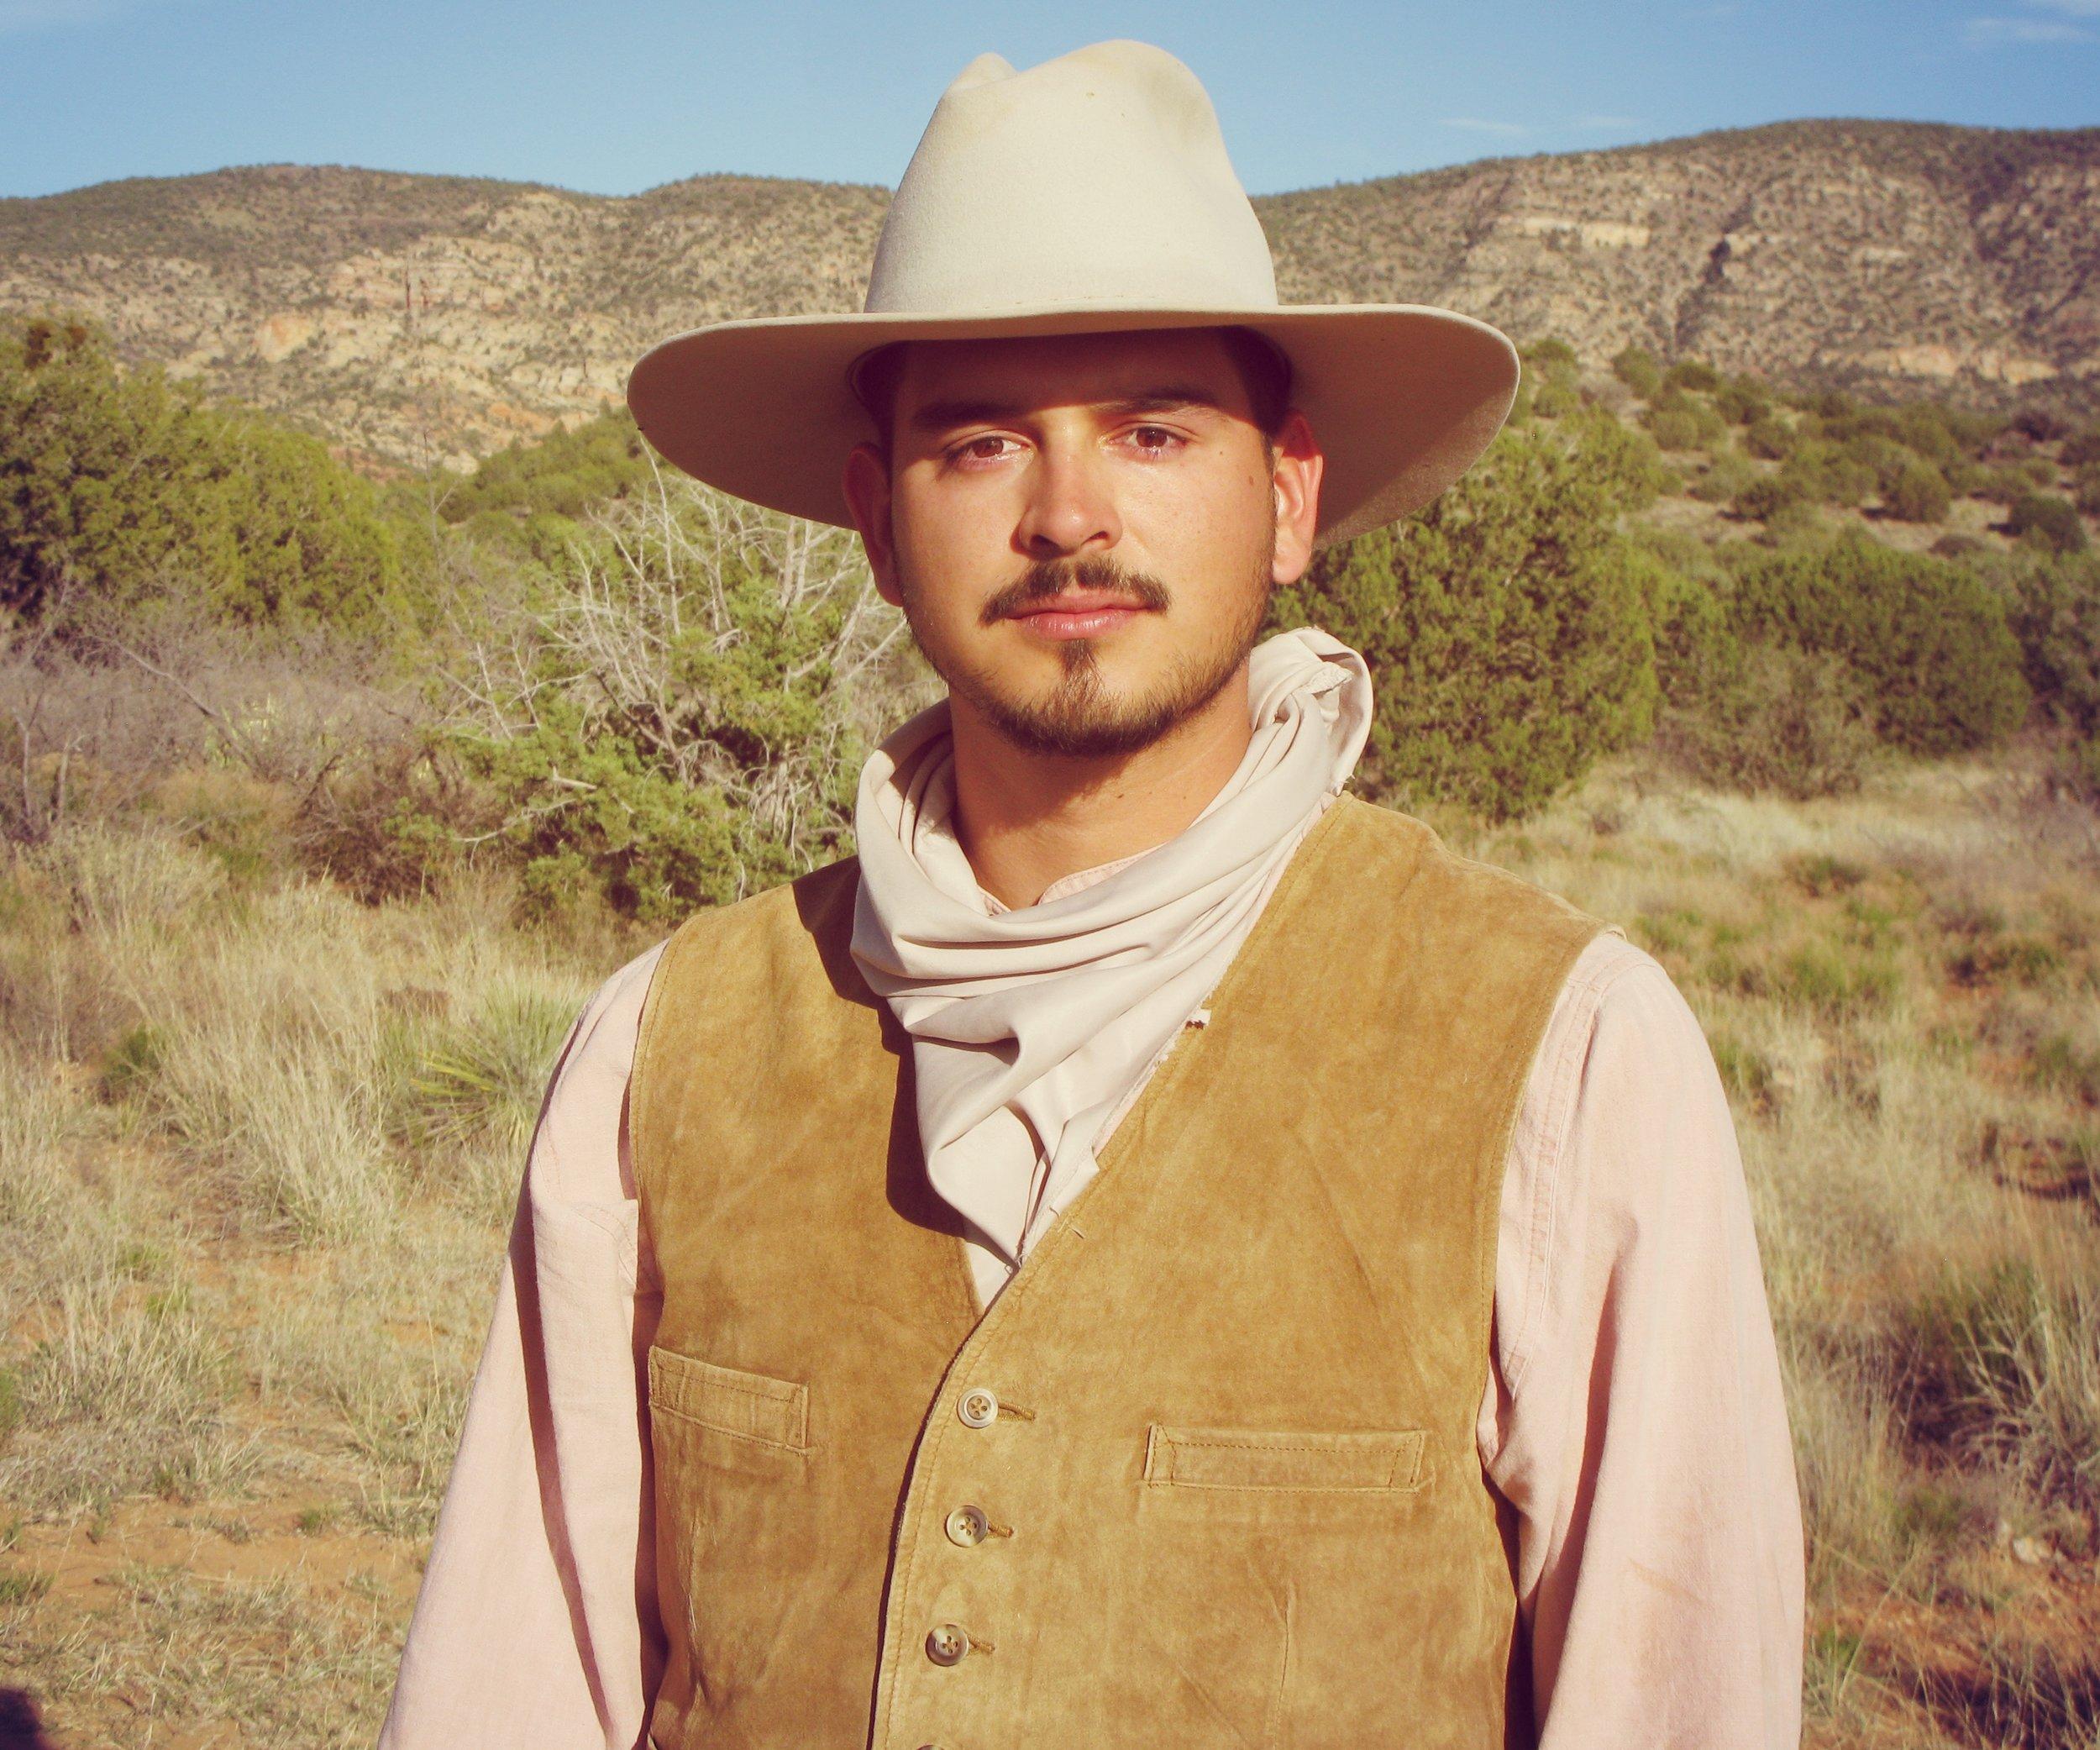 Brandon Gomez as Ricky